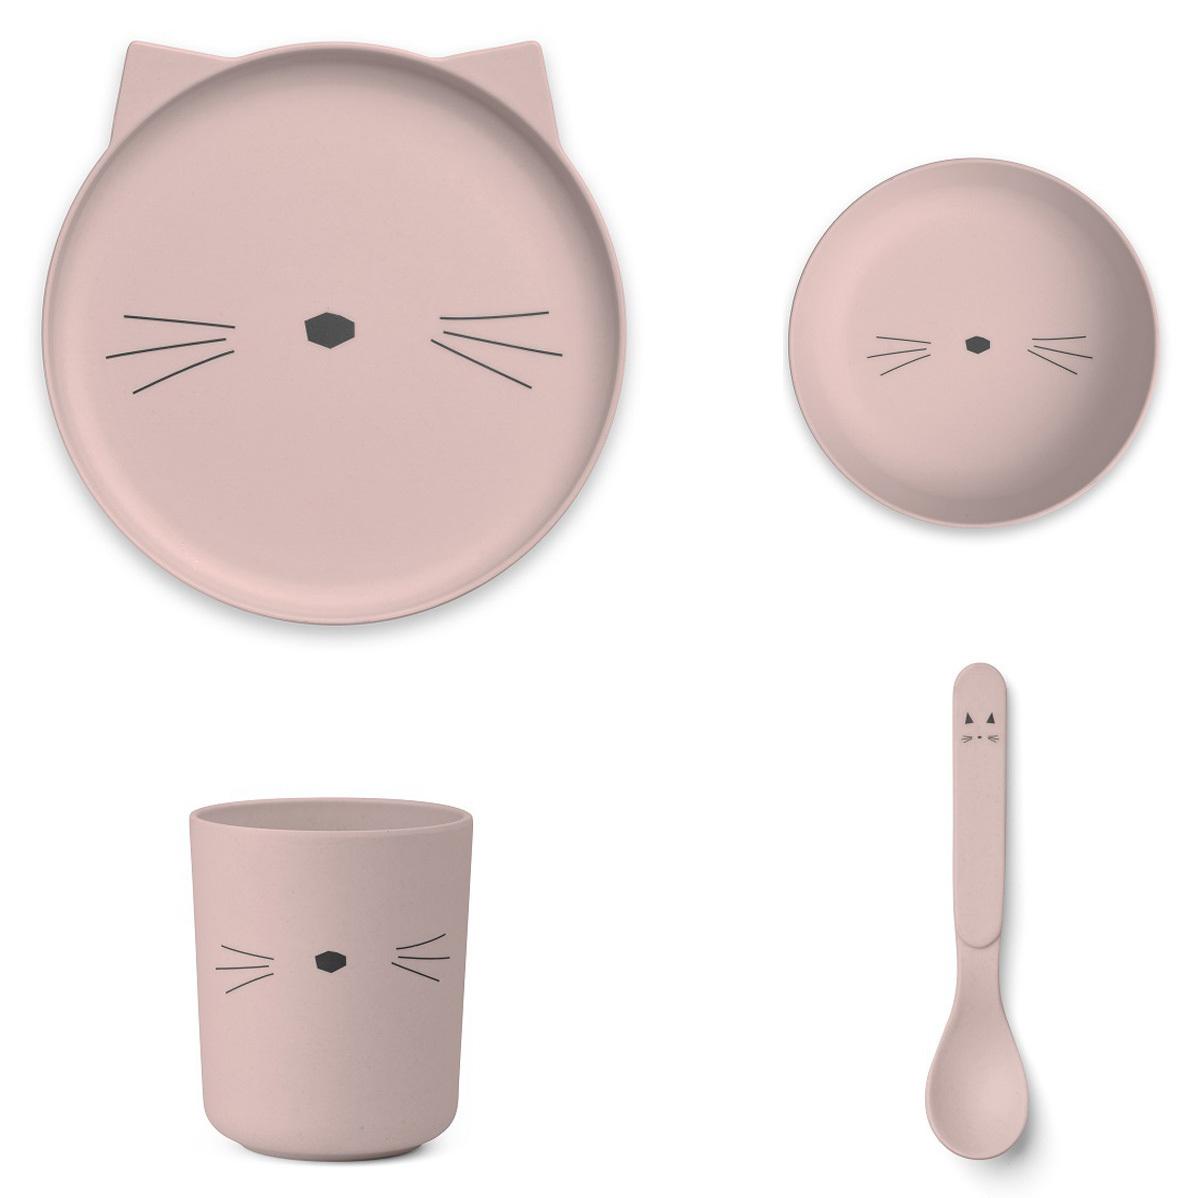 Coffret repas Set de vaisselle Cat - Rose Set de vaisselle Cat - Rose